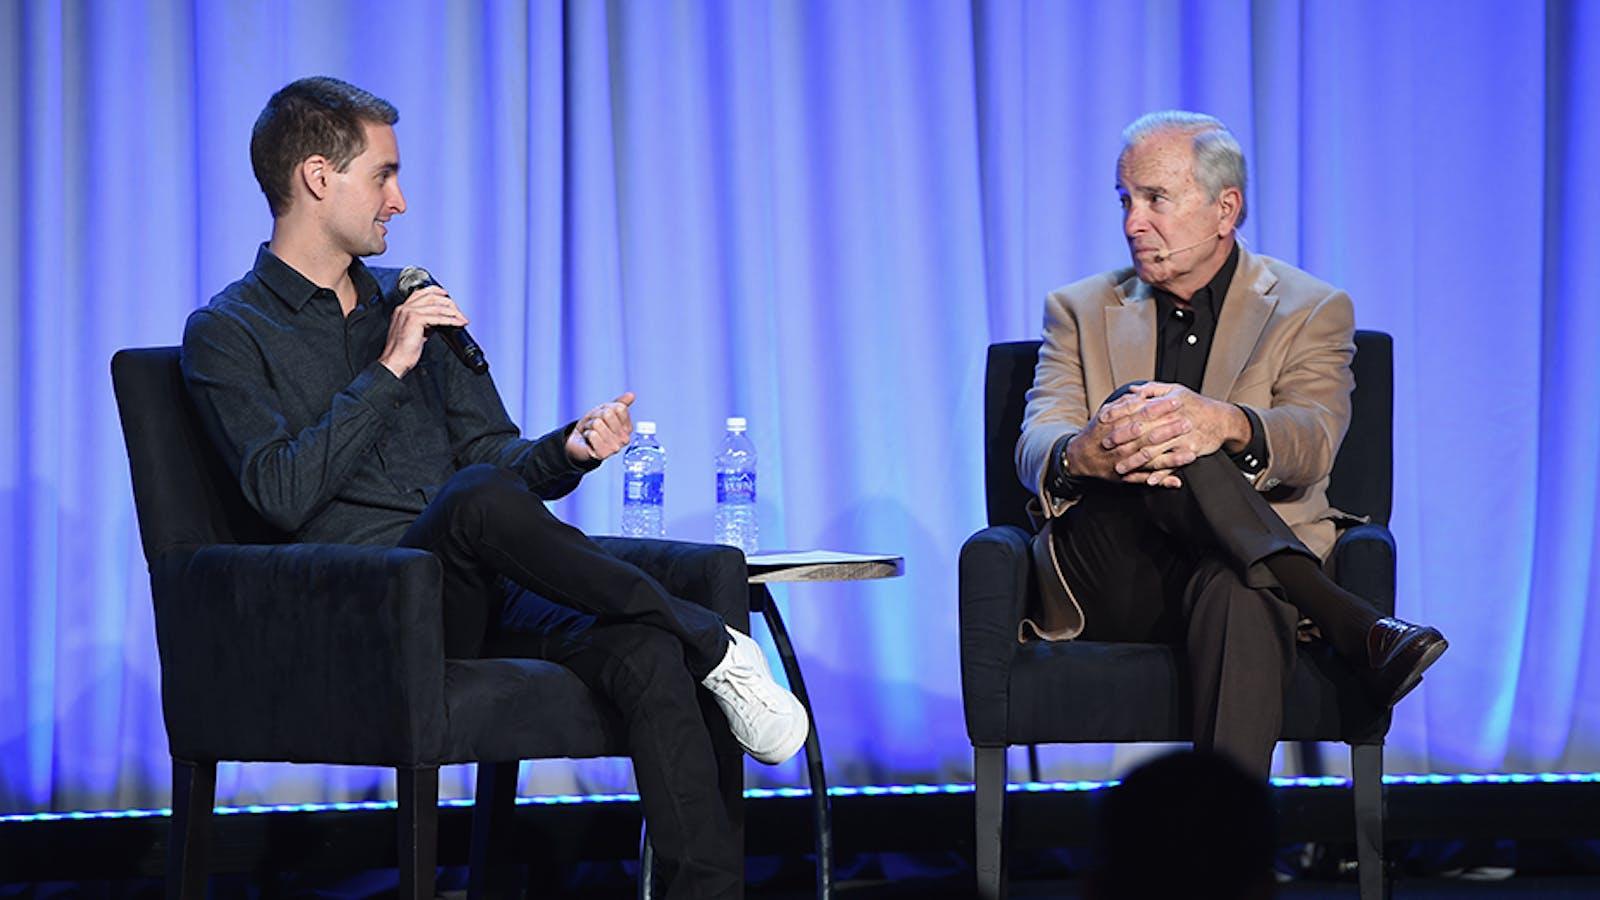 Snapchat CEO Evan Spiegel speaks to journalist Ken Auletta. Photo by Larry Busacca/Getty Image.